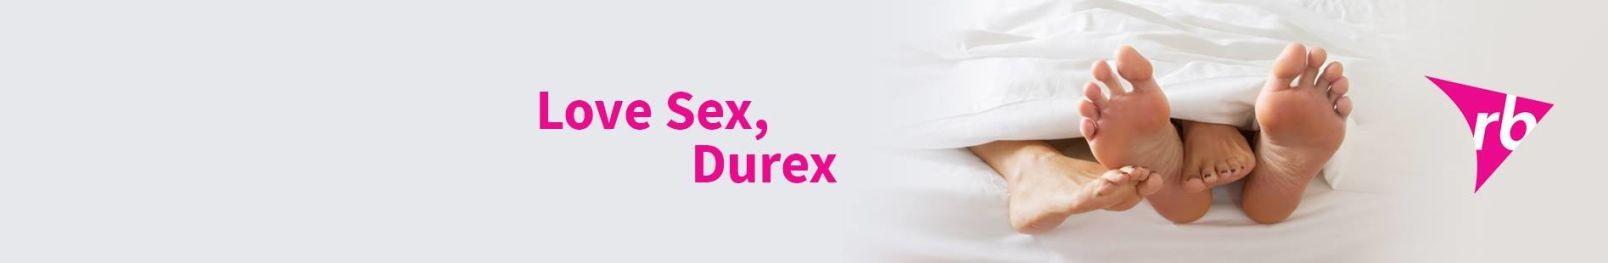 Durex Store